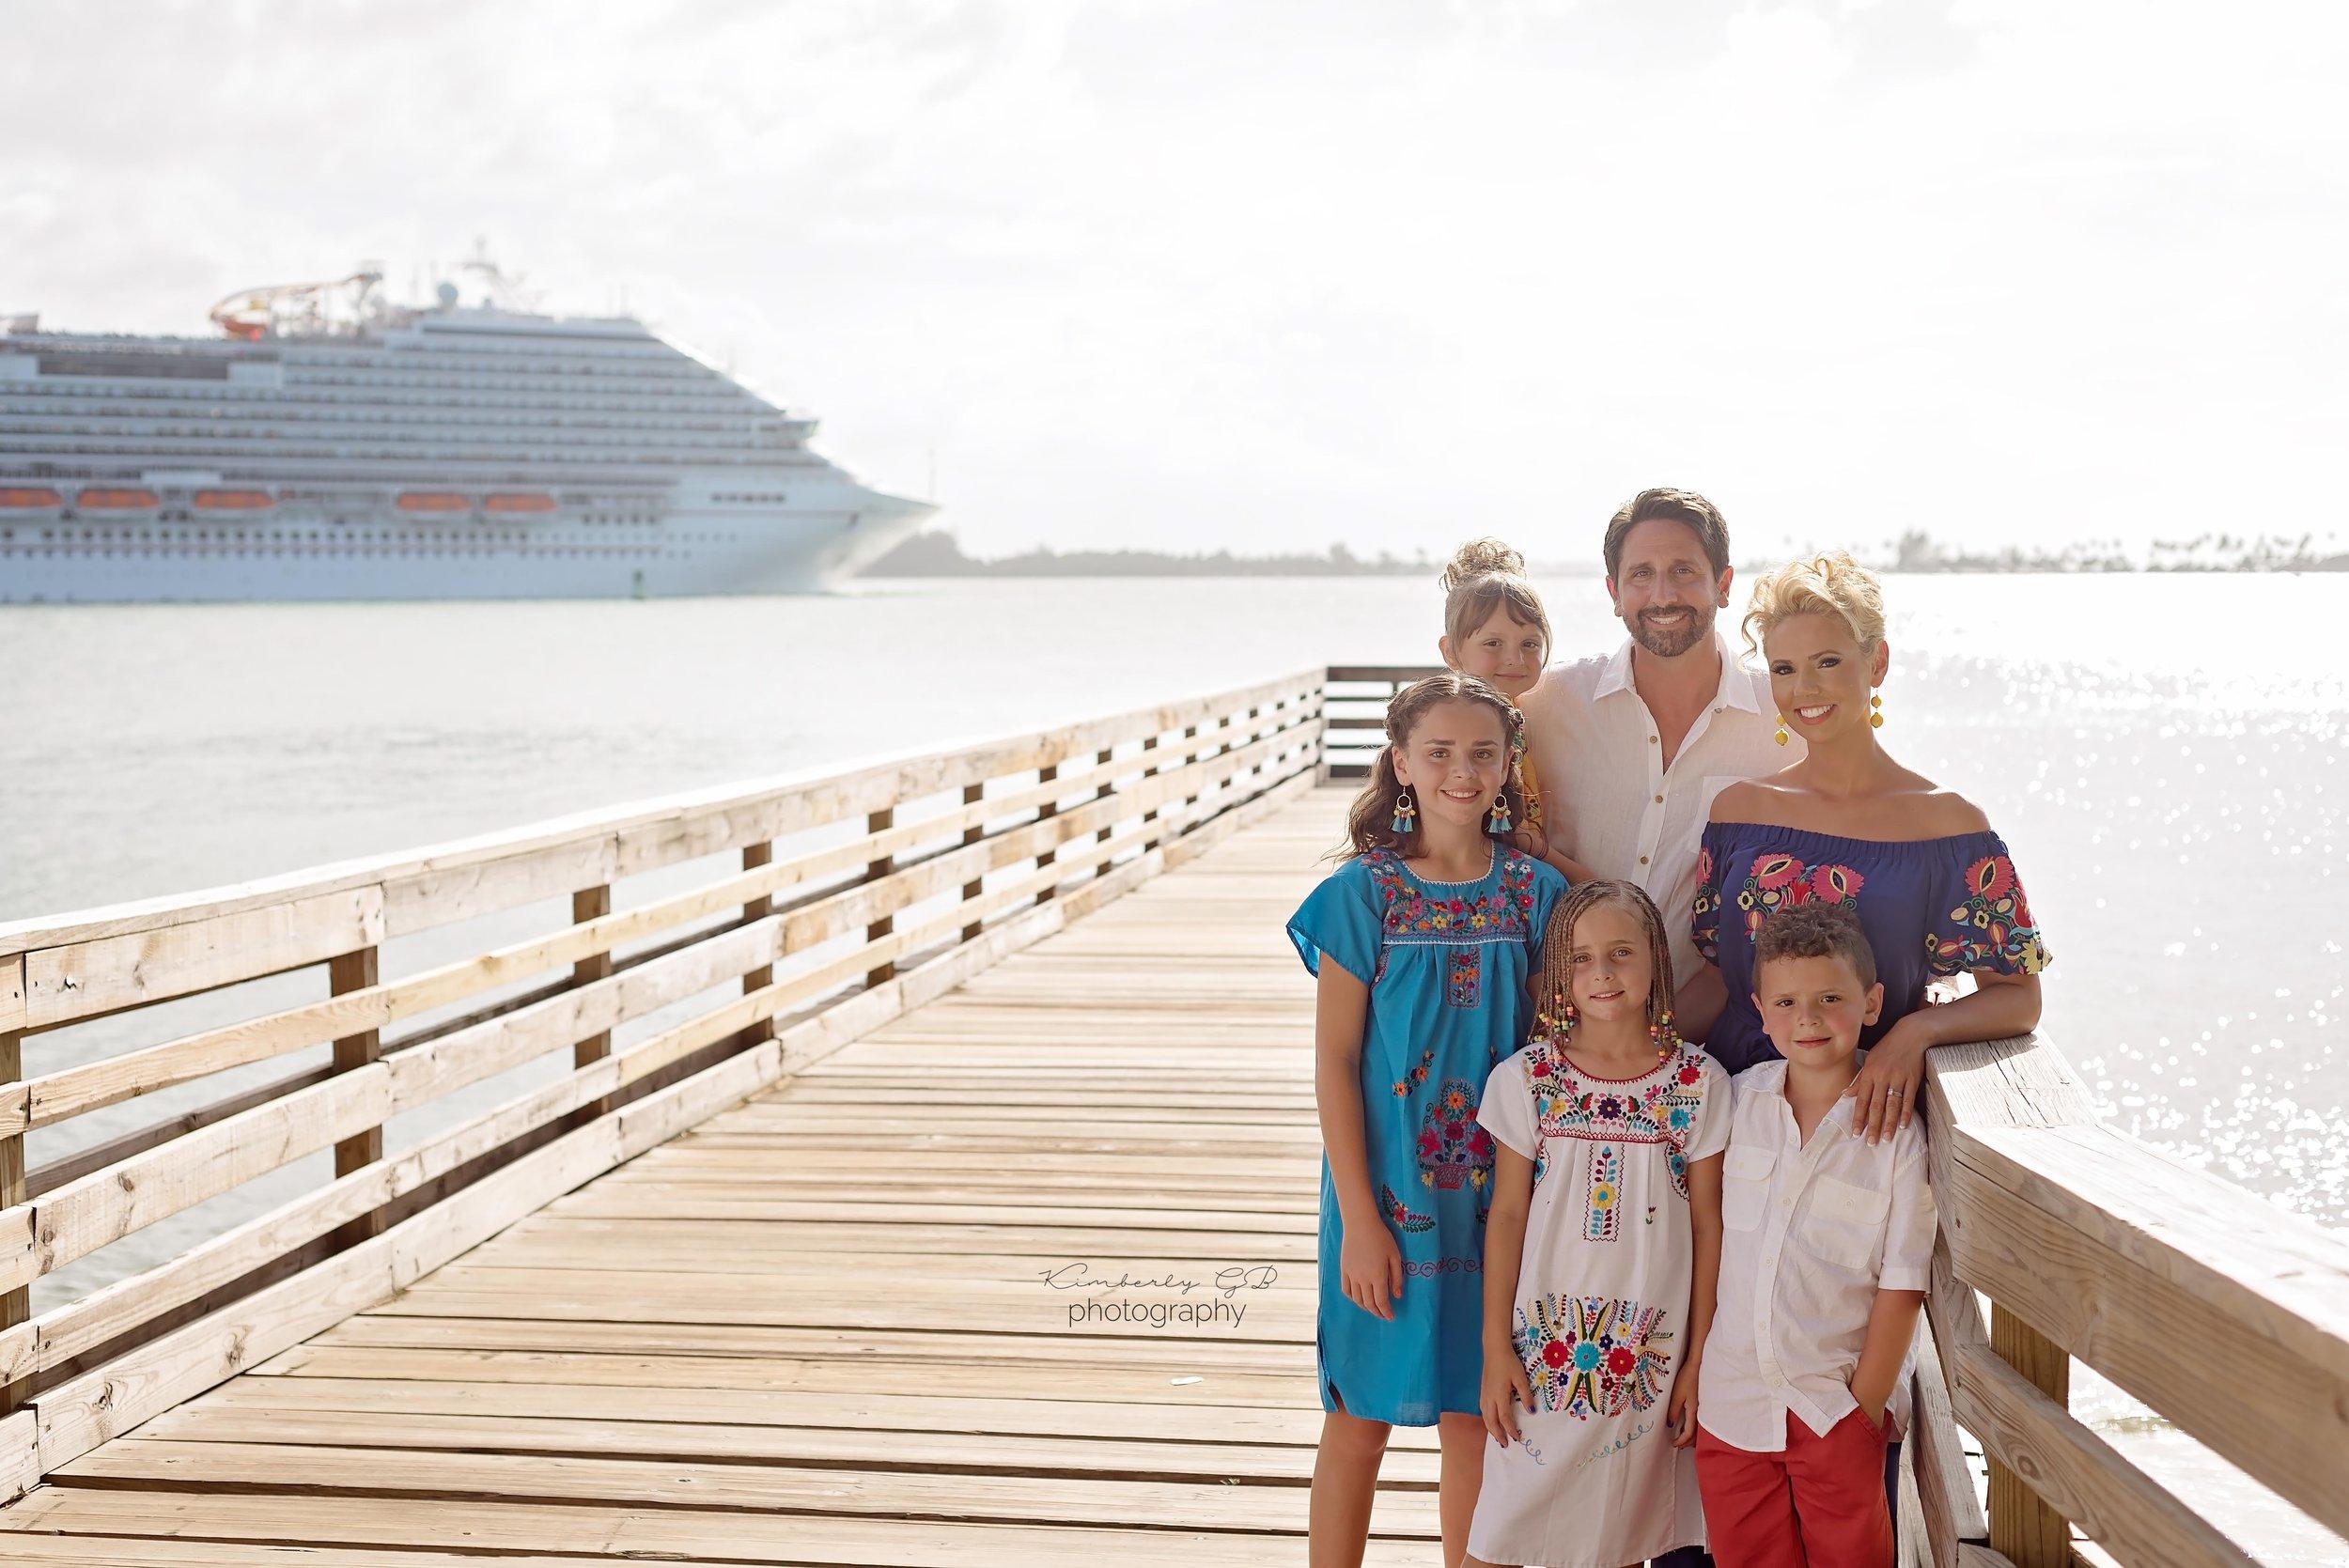 kimberly-gb-photography-fotografa-portrait-retrato-family-familia-puerto-rico-54.jpg